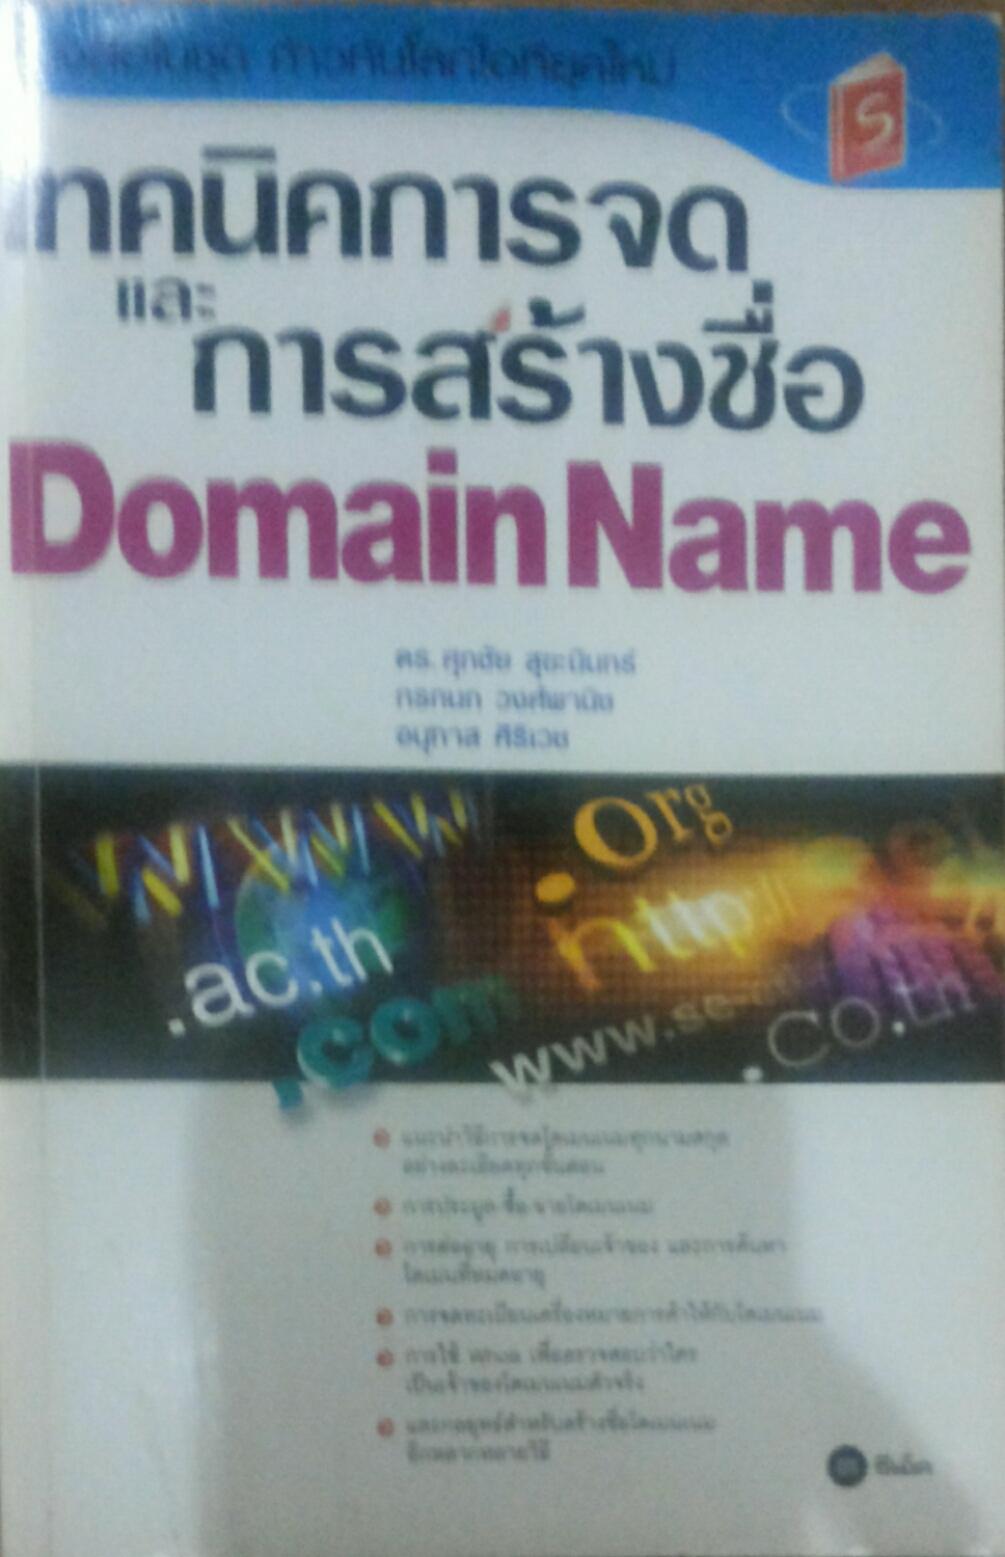 เทคนิคการจดและการสร้างชื่อ Domain Name